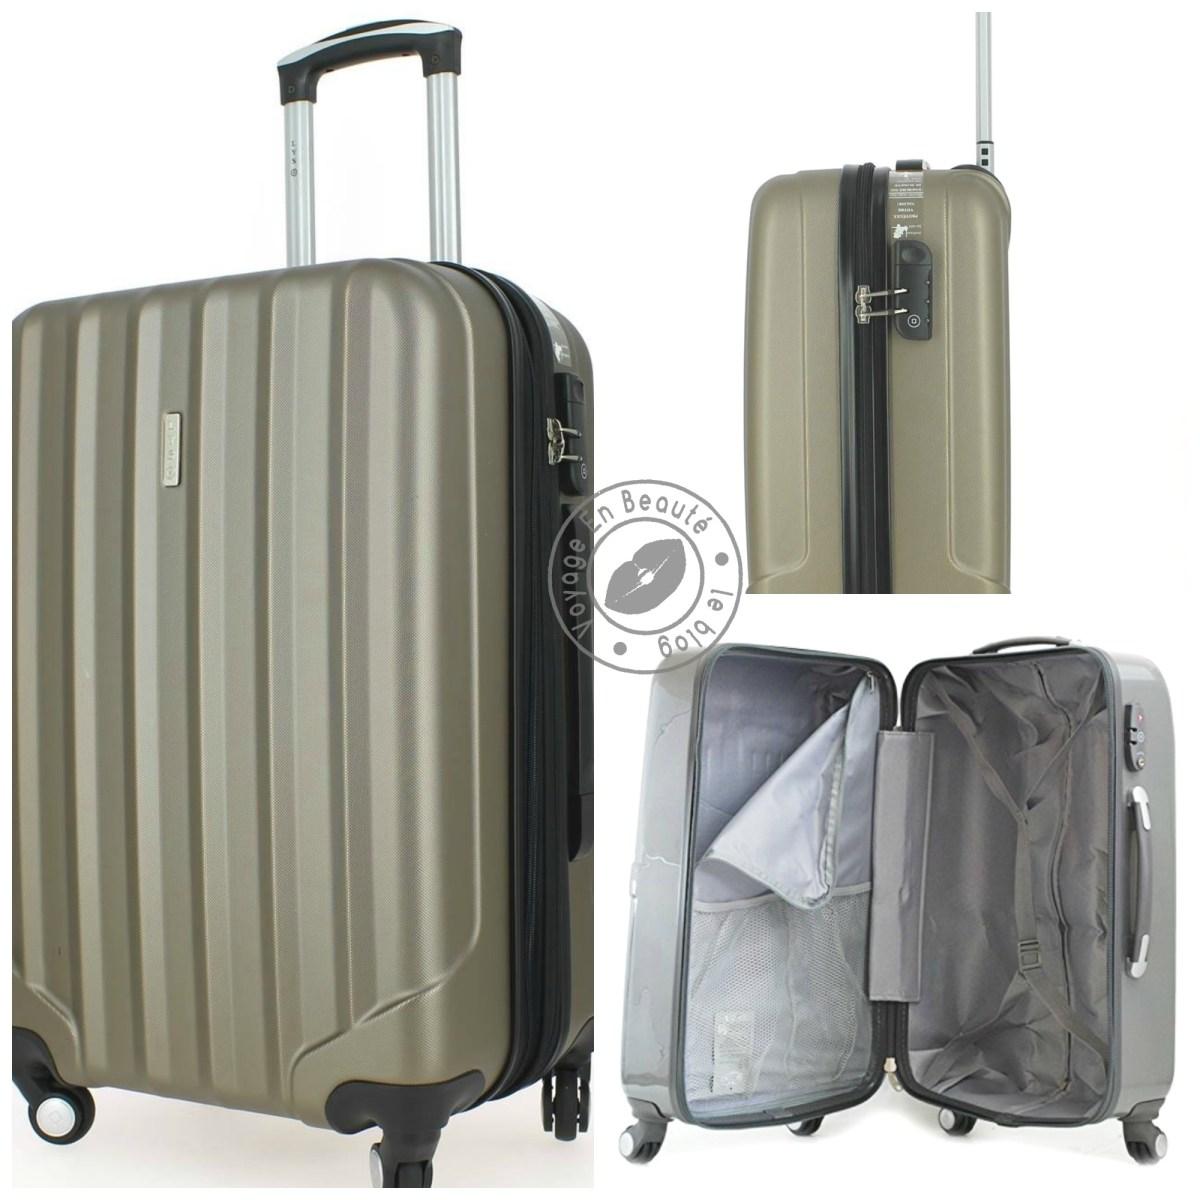 valise-cabine-roulettes-trolley-lys-forum-des-sacs-avis-test-2.jpg